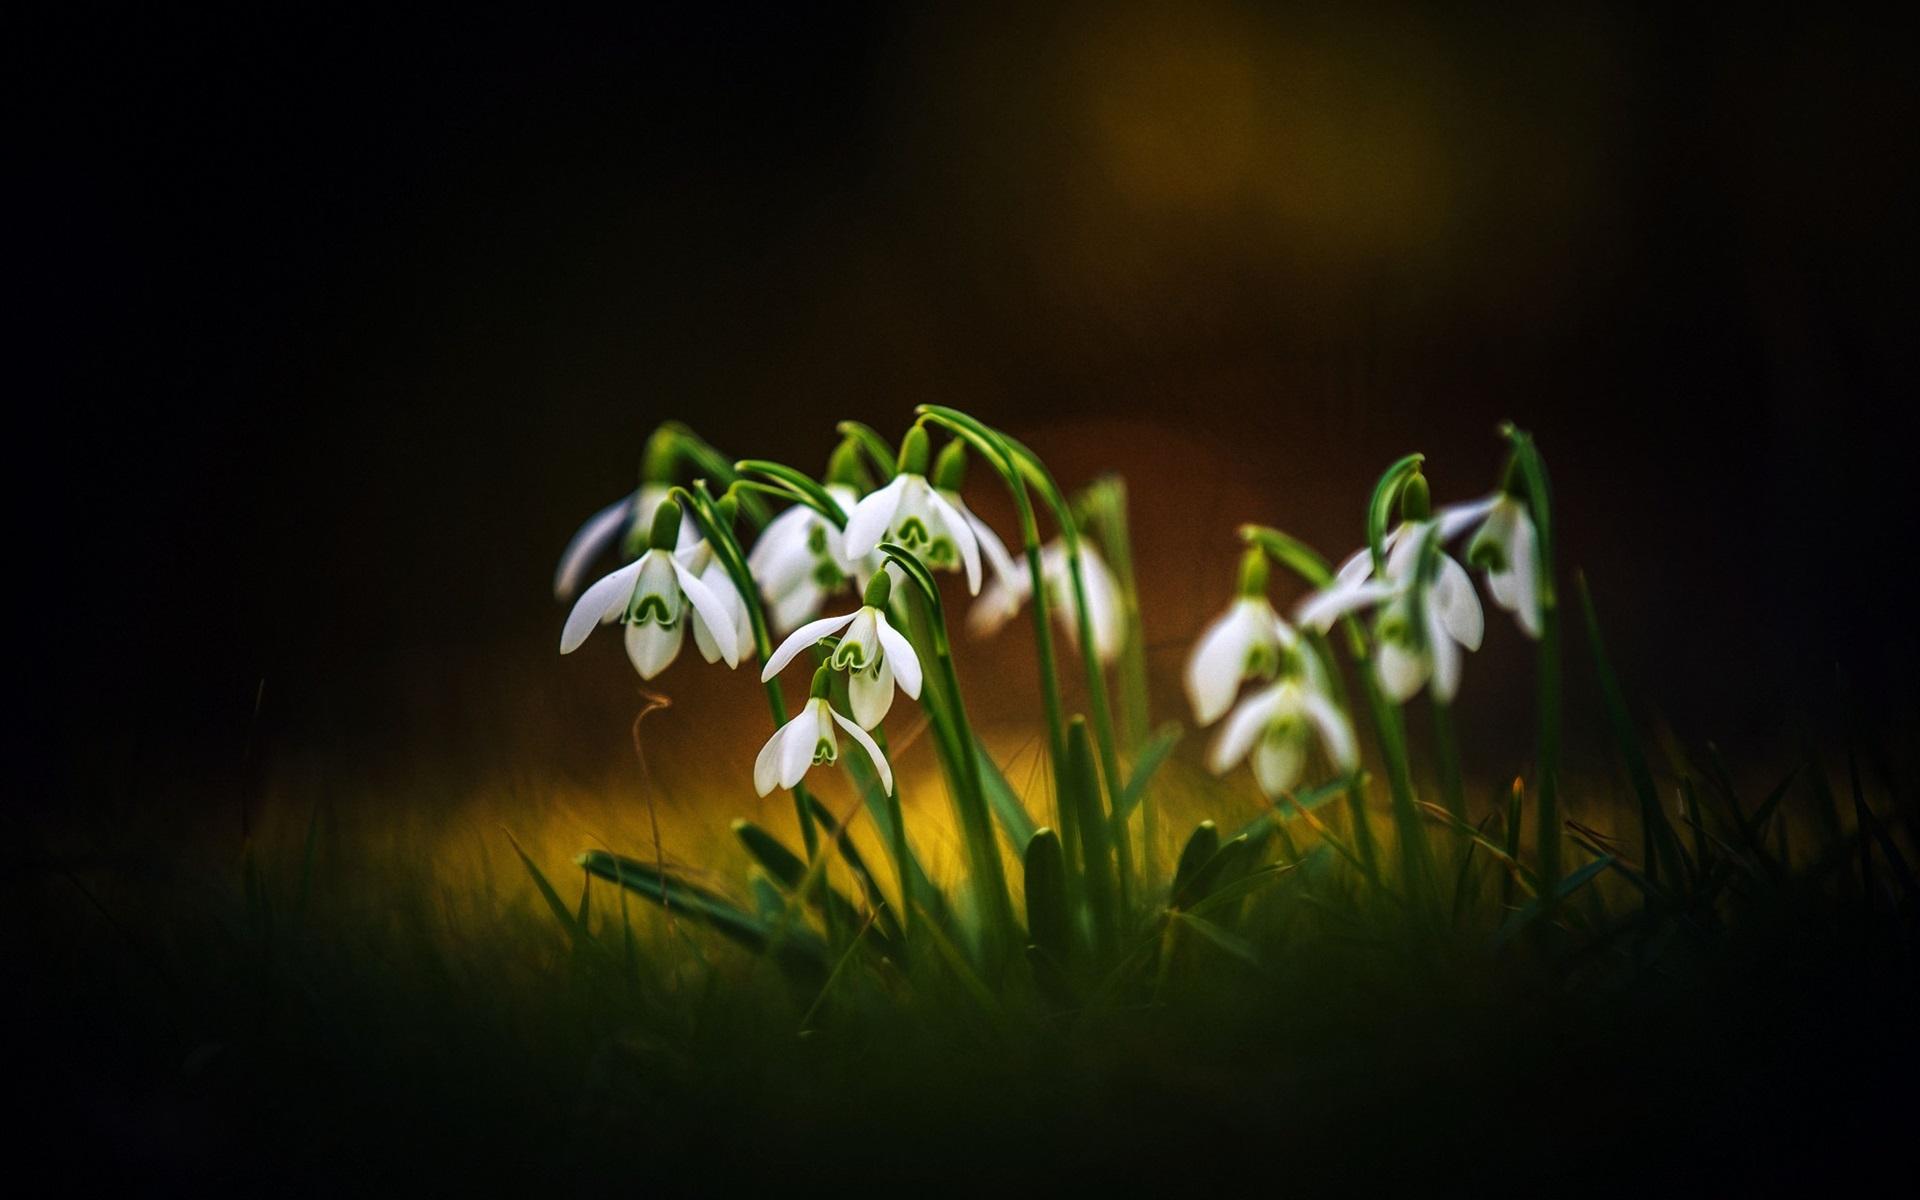 壁纸春天的花朵 雪花莲 散景1920x1200 Hd 高清壁纸 图片 照片